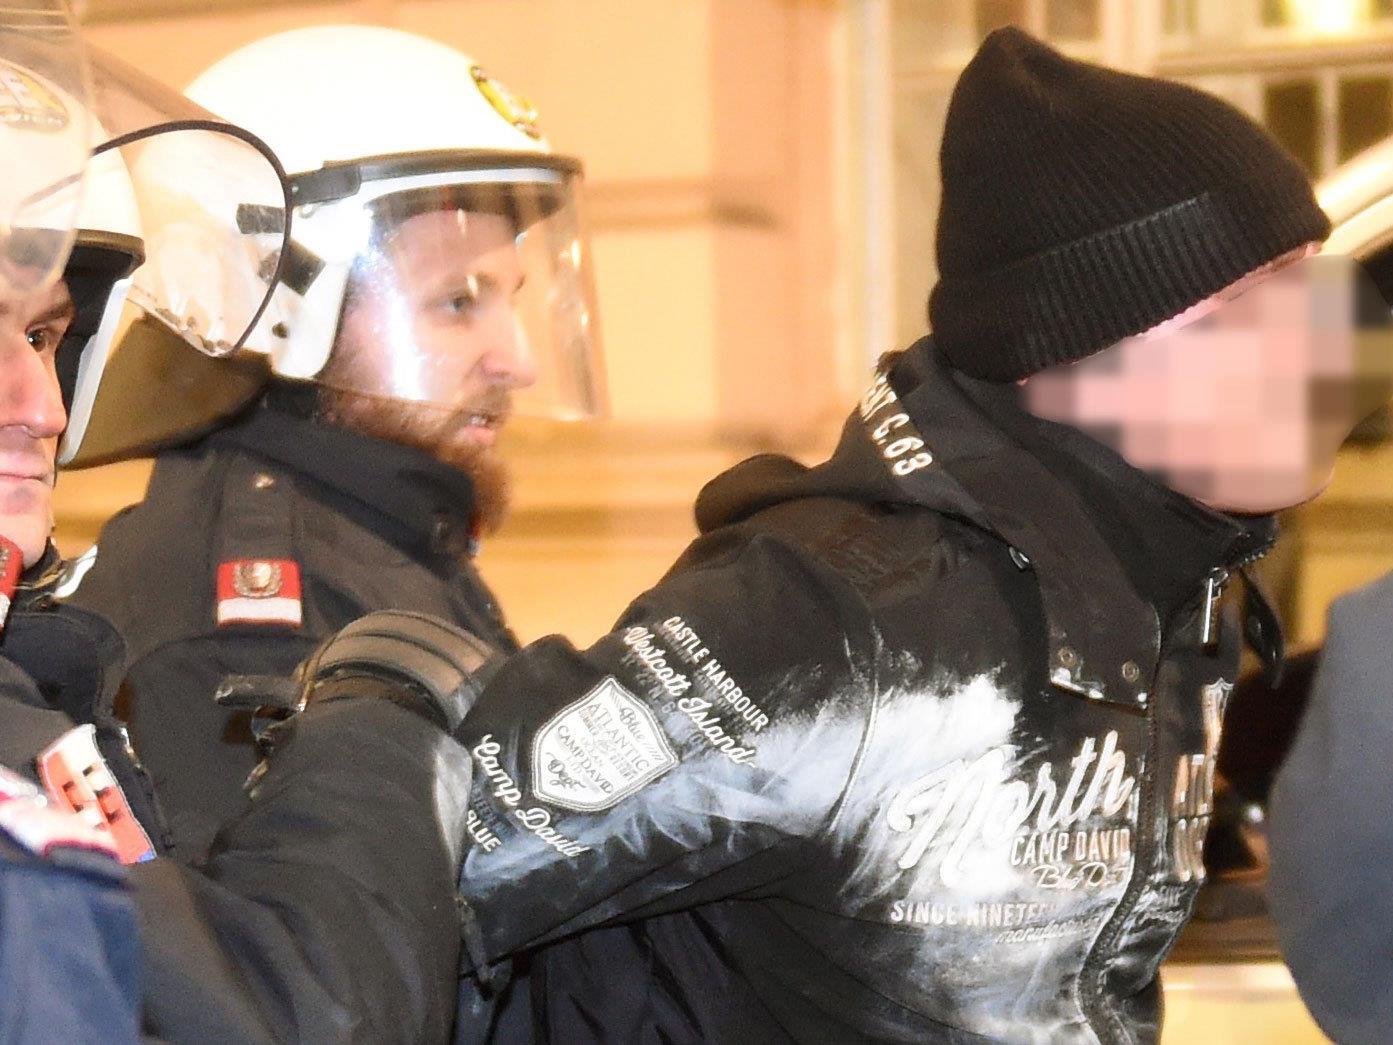 Eine der drei Festnahmen während der Akademikerball-Demos.